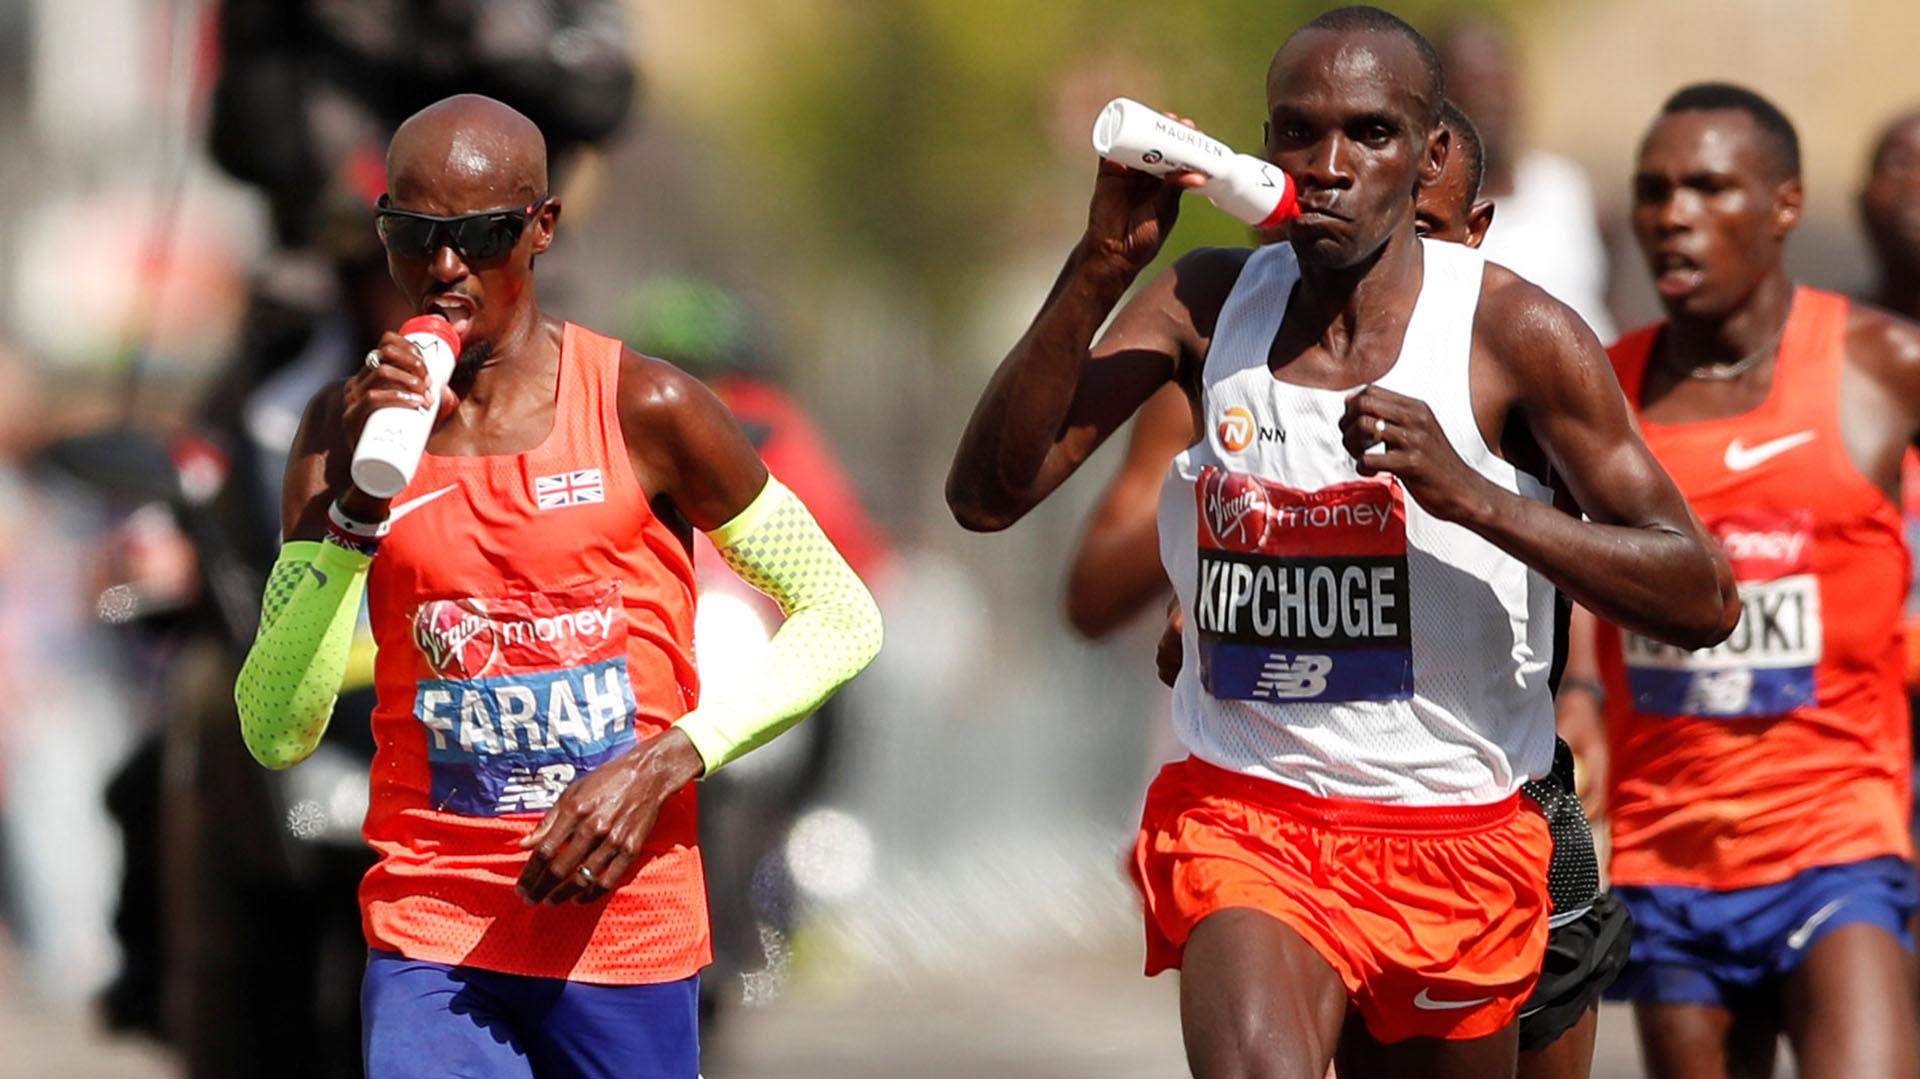 El campeón el pasado año, el también keniano Daniel Wanjiru -Kipchoge no participó